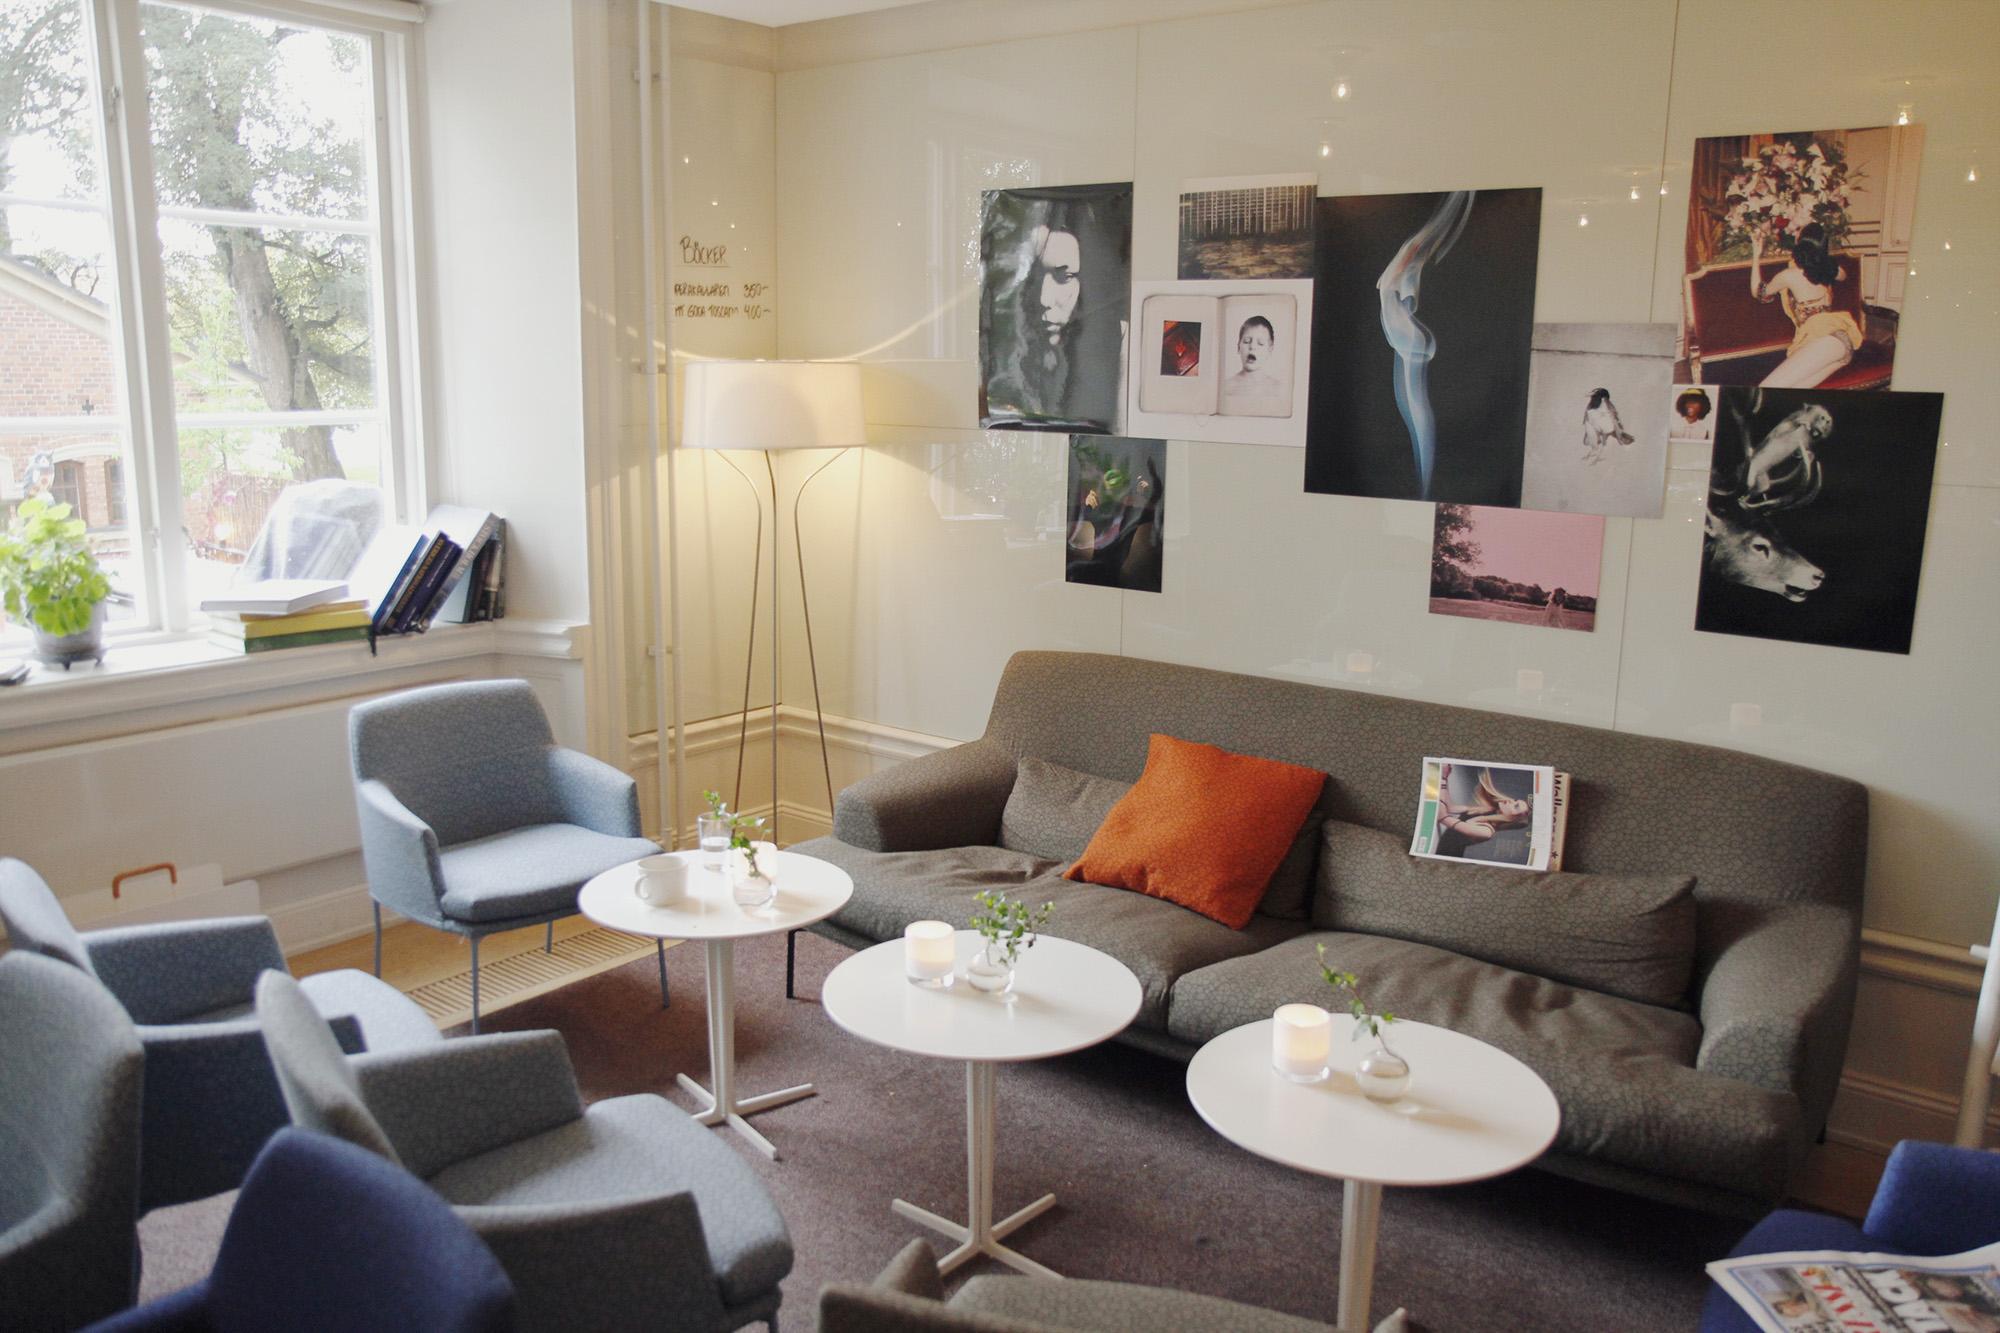 2017-04-Hotel-Skeppsholmen - hotel-skeppsholmen-stockholm-nectarandpulse-interior-29.jpg